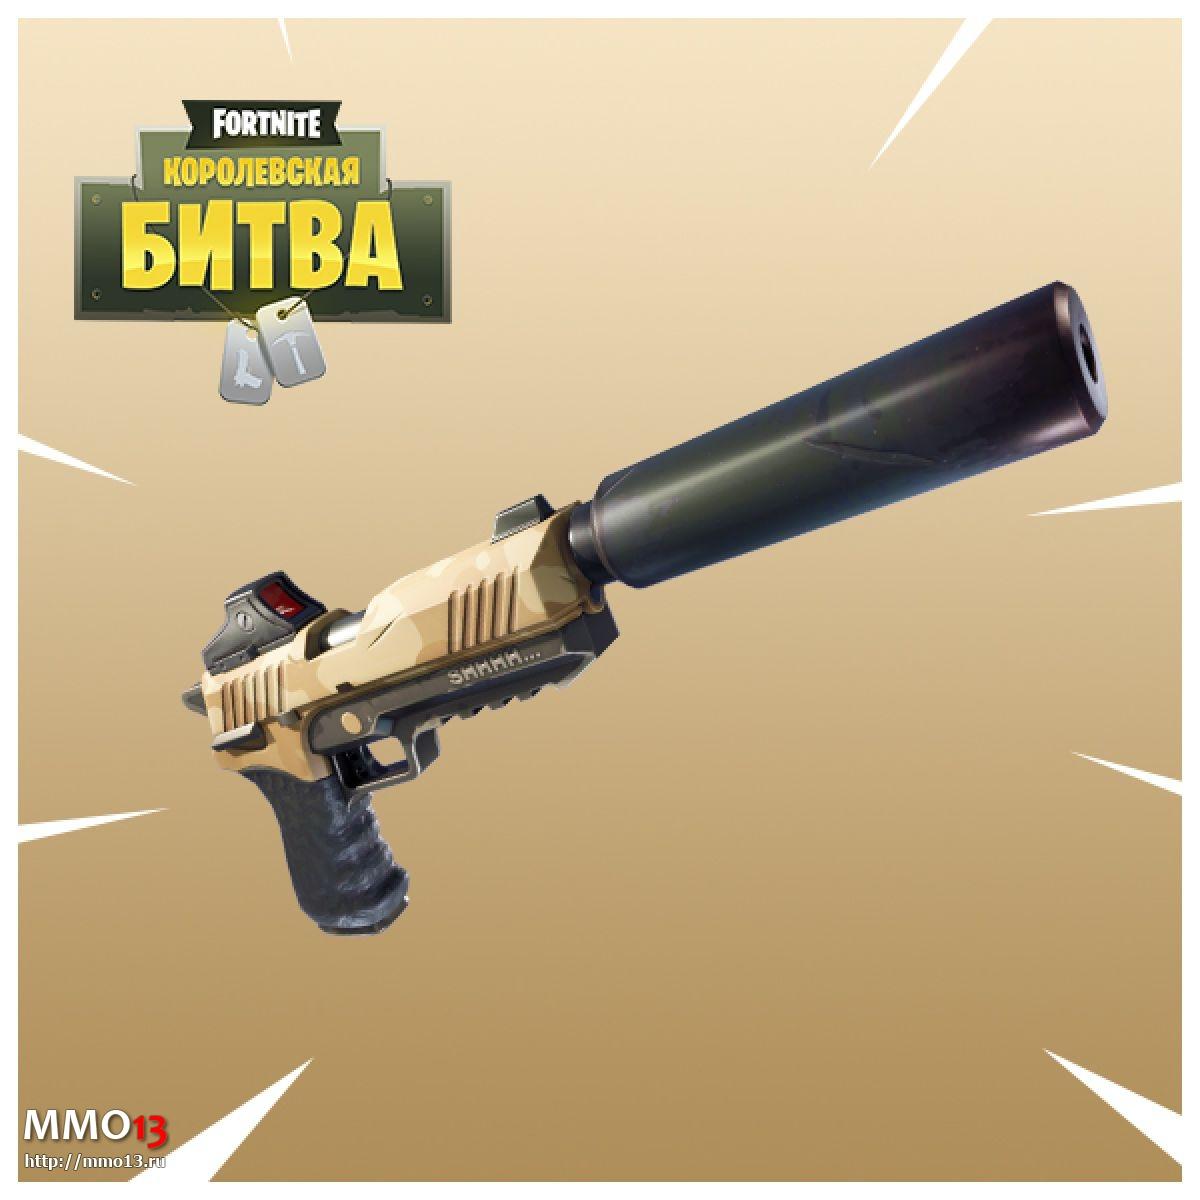 В Fortnite: Battle Royale добавили пистолет с глушителем и временный режим 22440